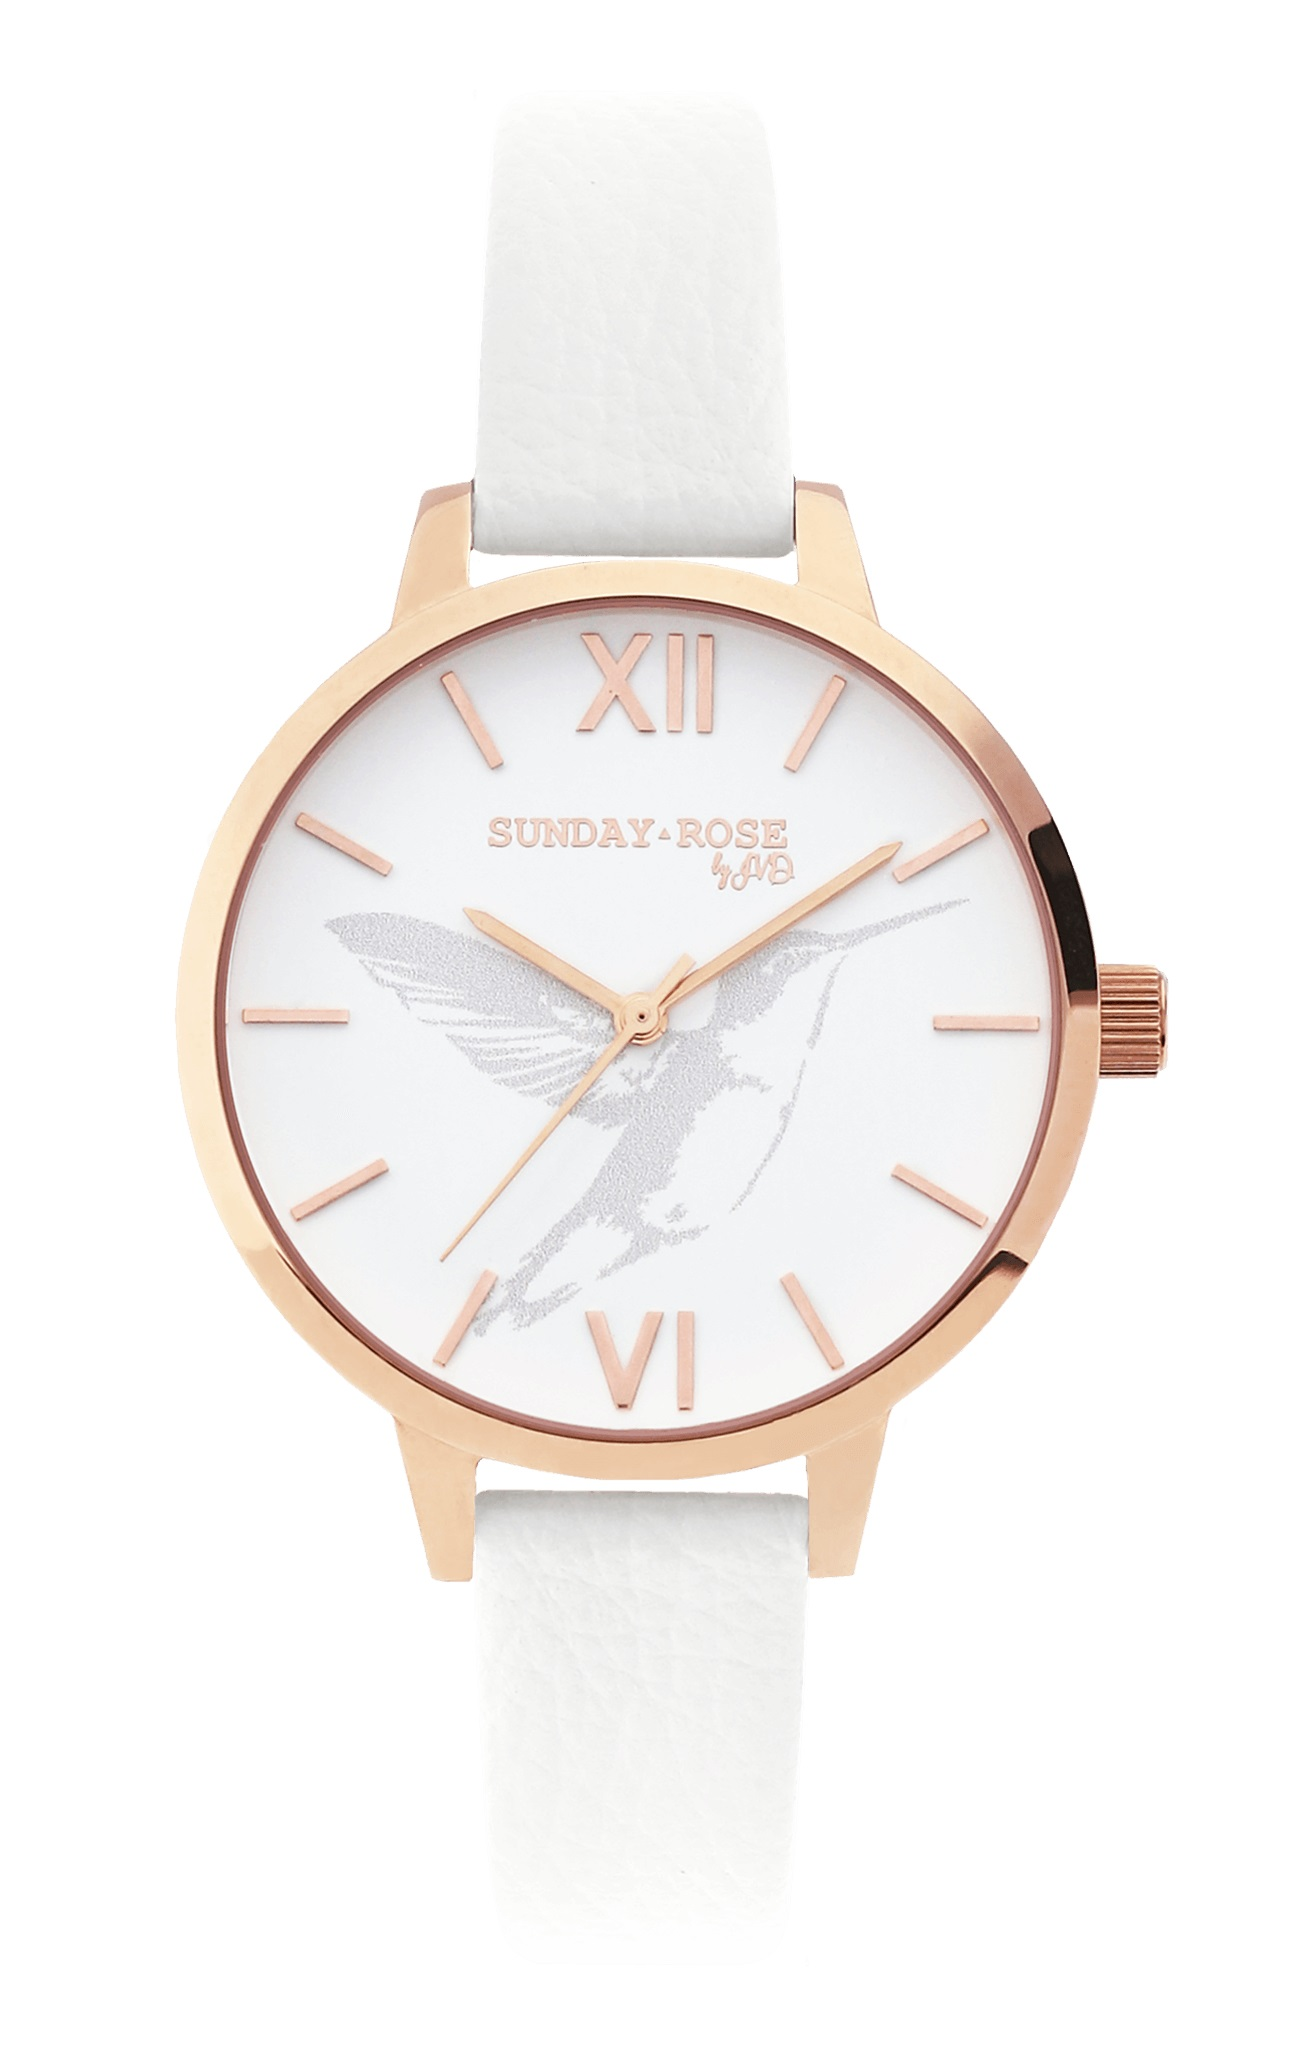 Dámské luxusní designové hodinky SUNDAY ROSE Spirit FREEDOM (POŠTOVNÉ ZDARMA!!)